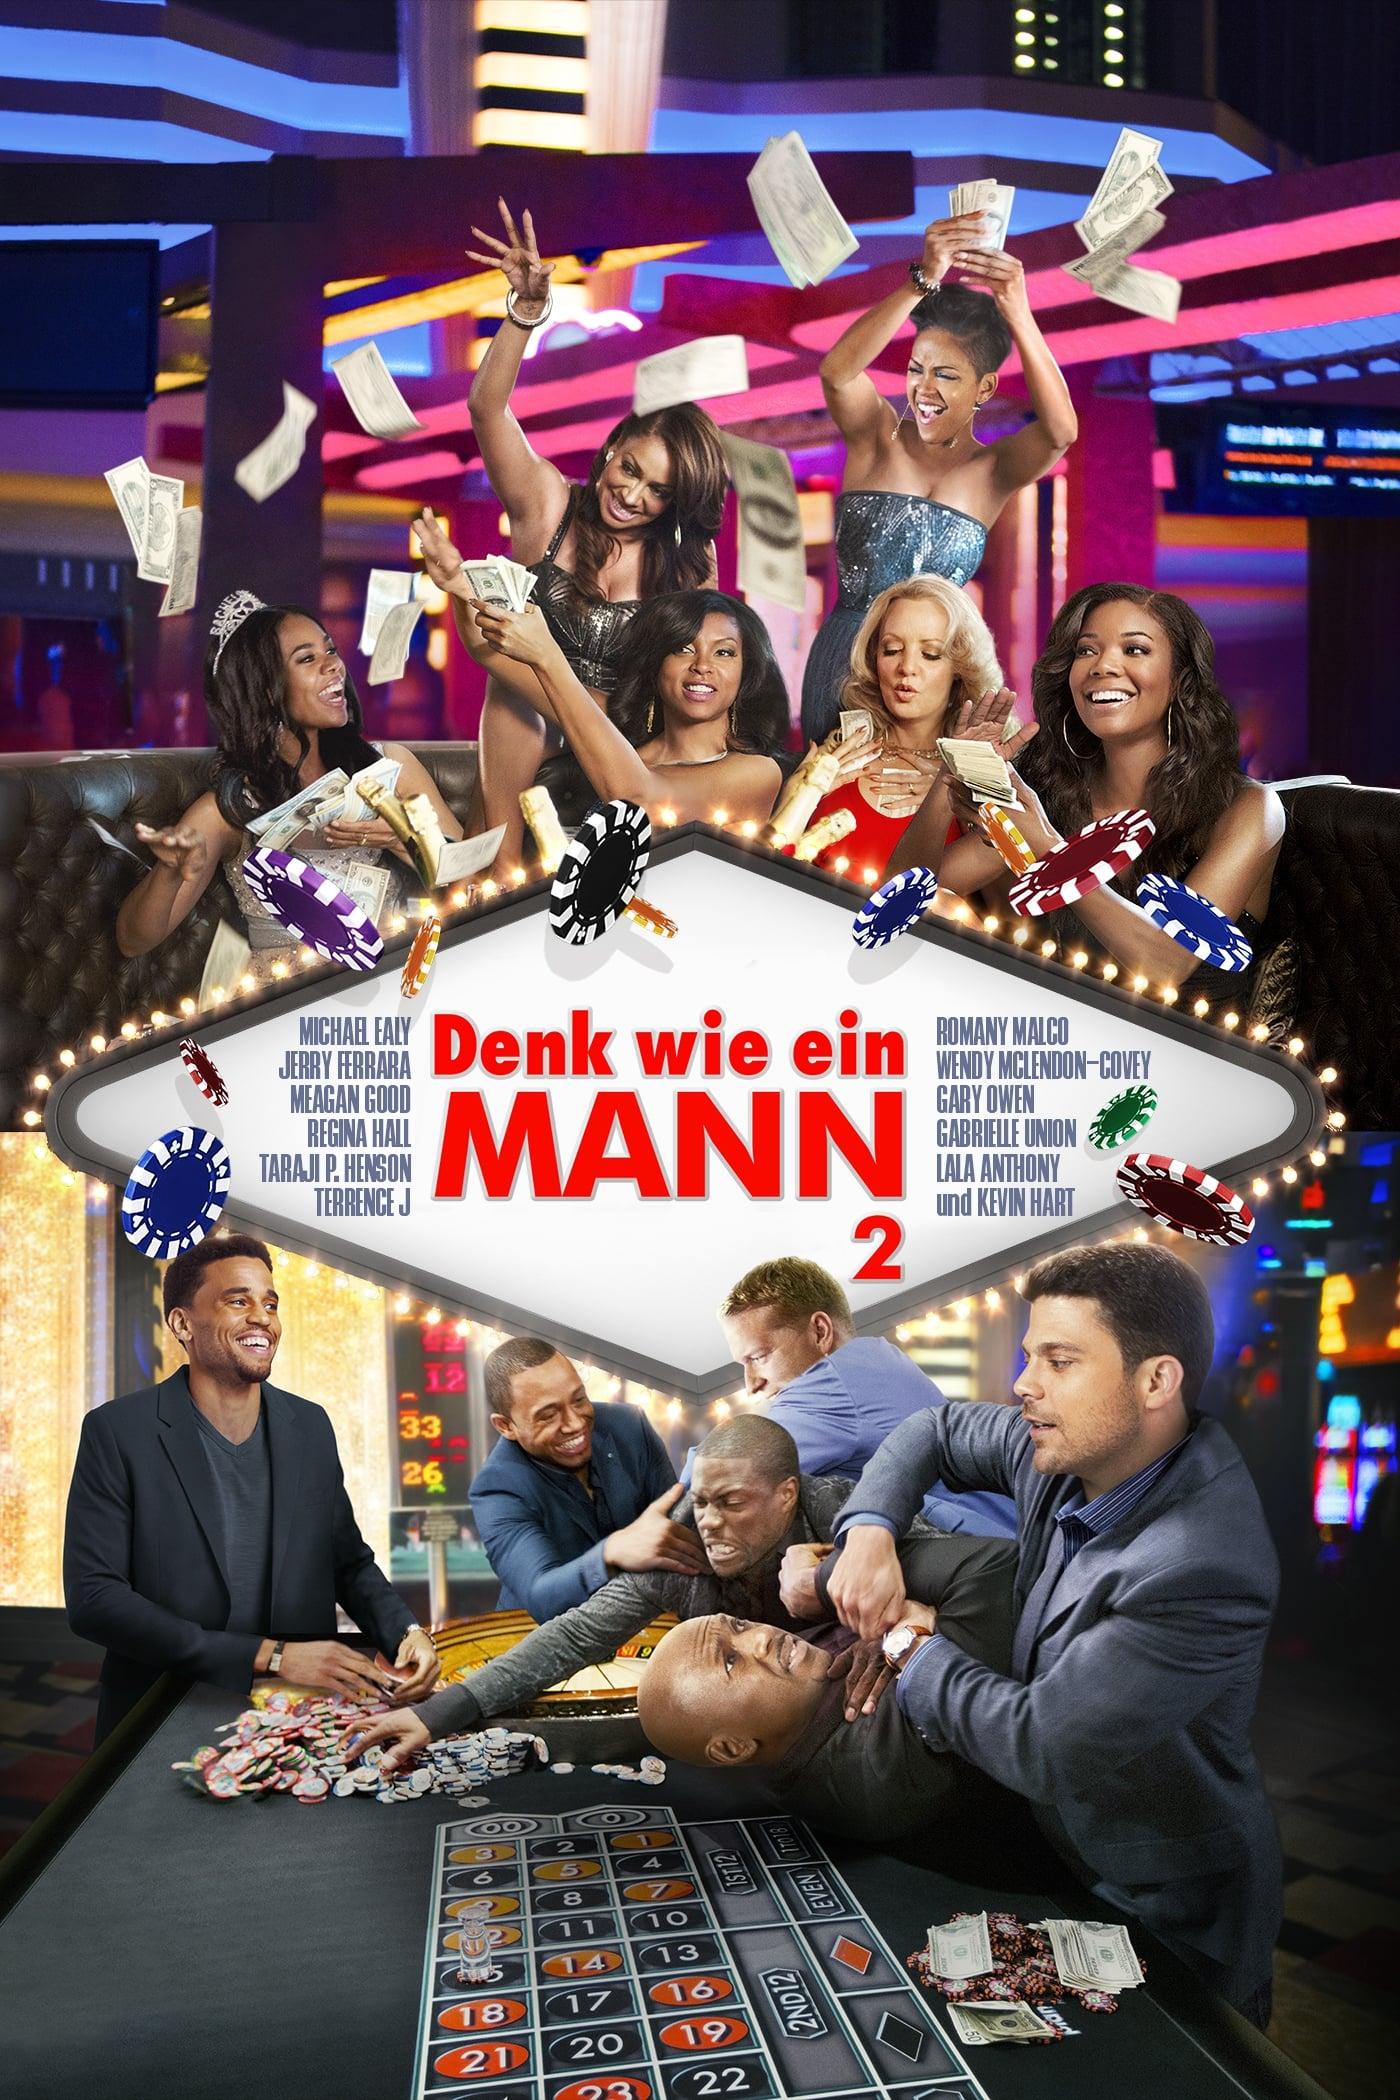 Denk wie ein Mann 2 (2014) Ganzer Film Deutsch